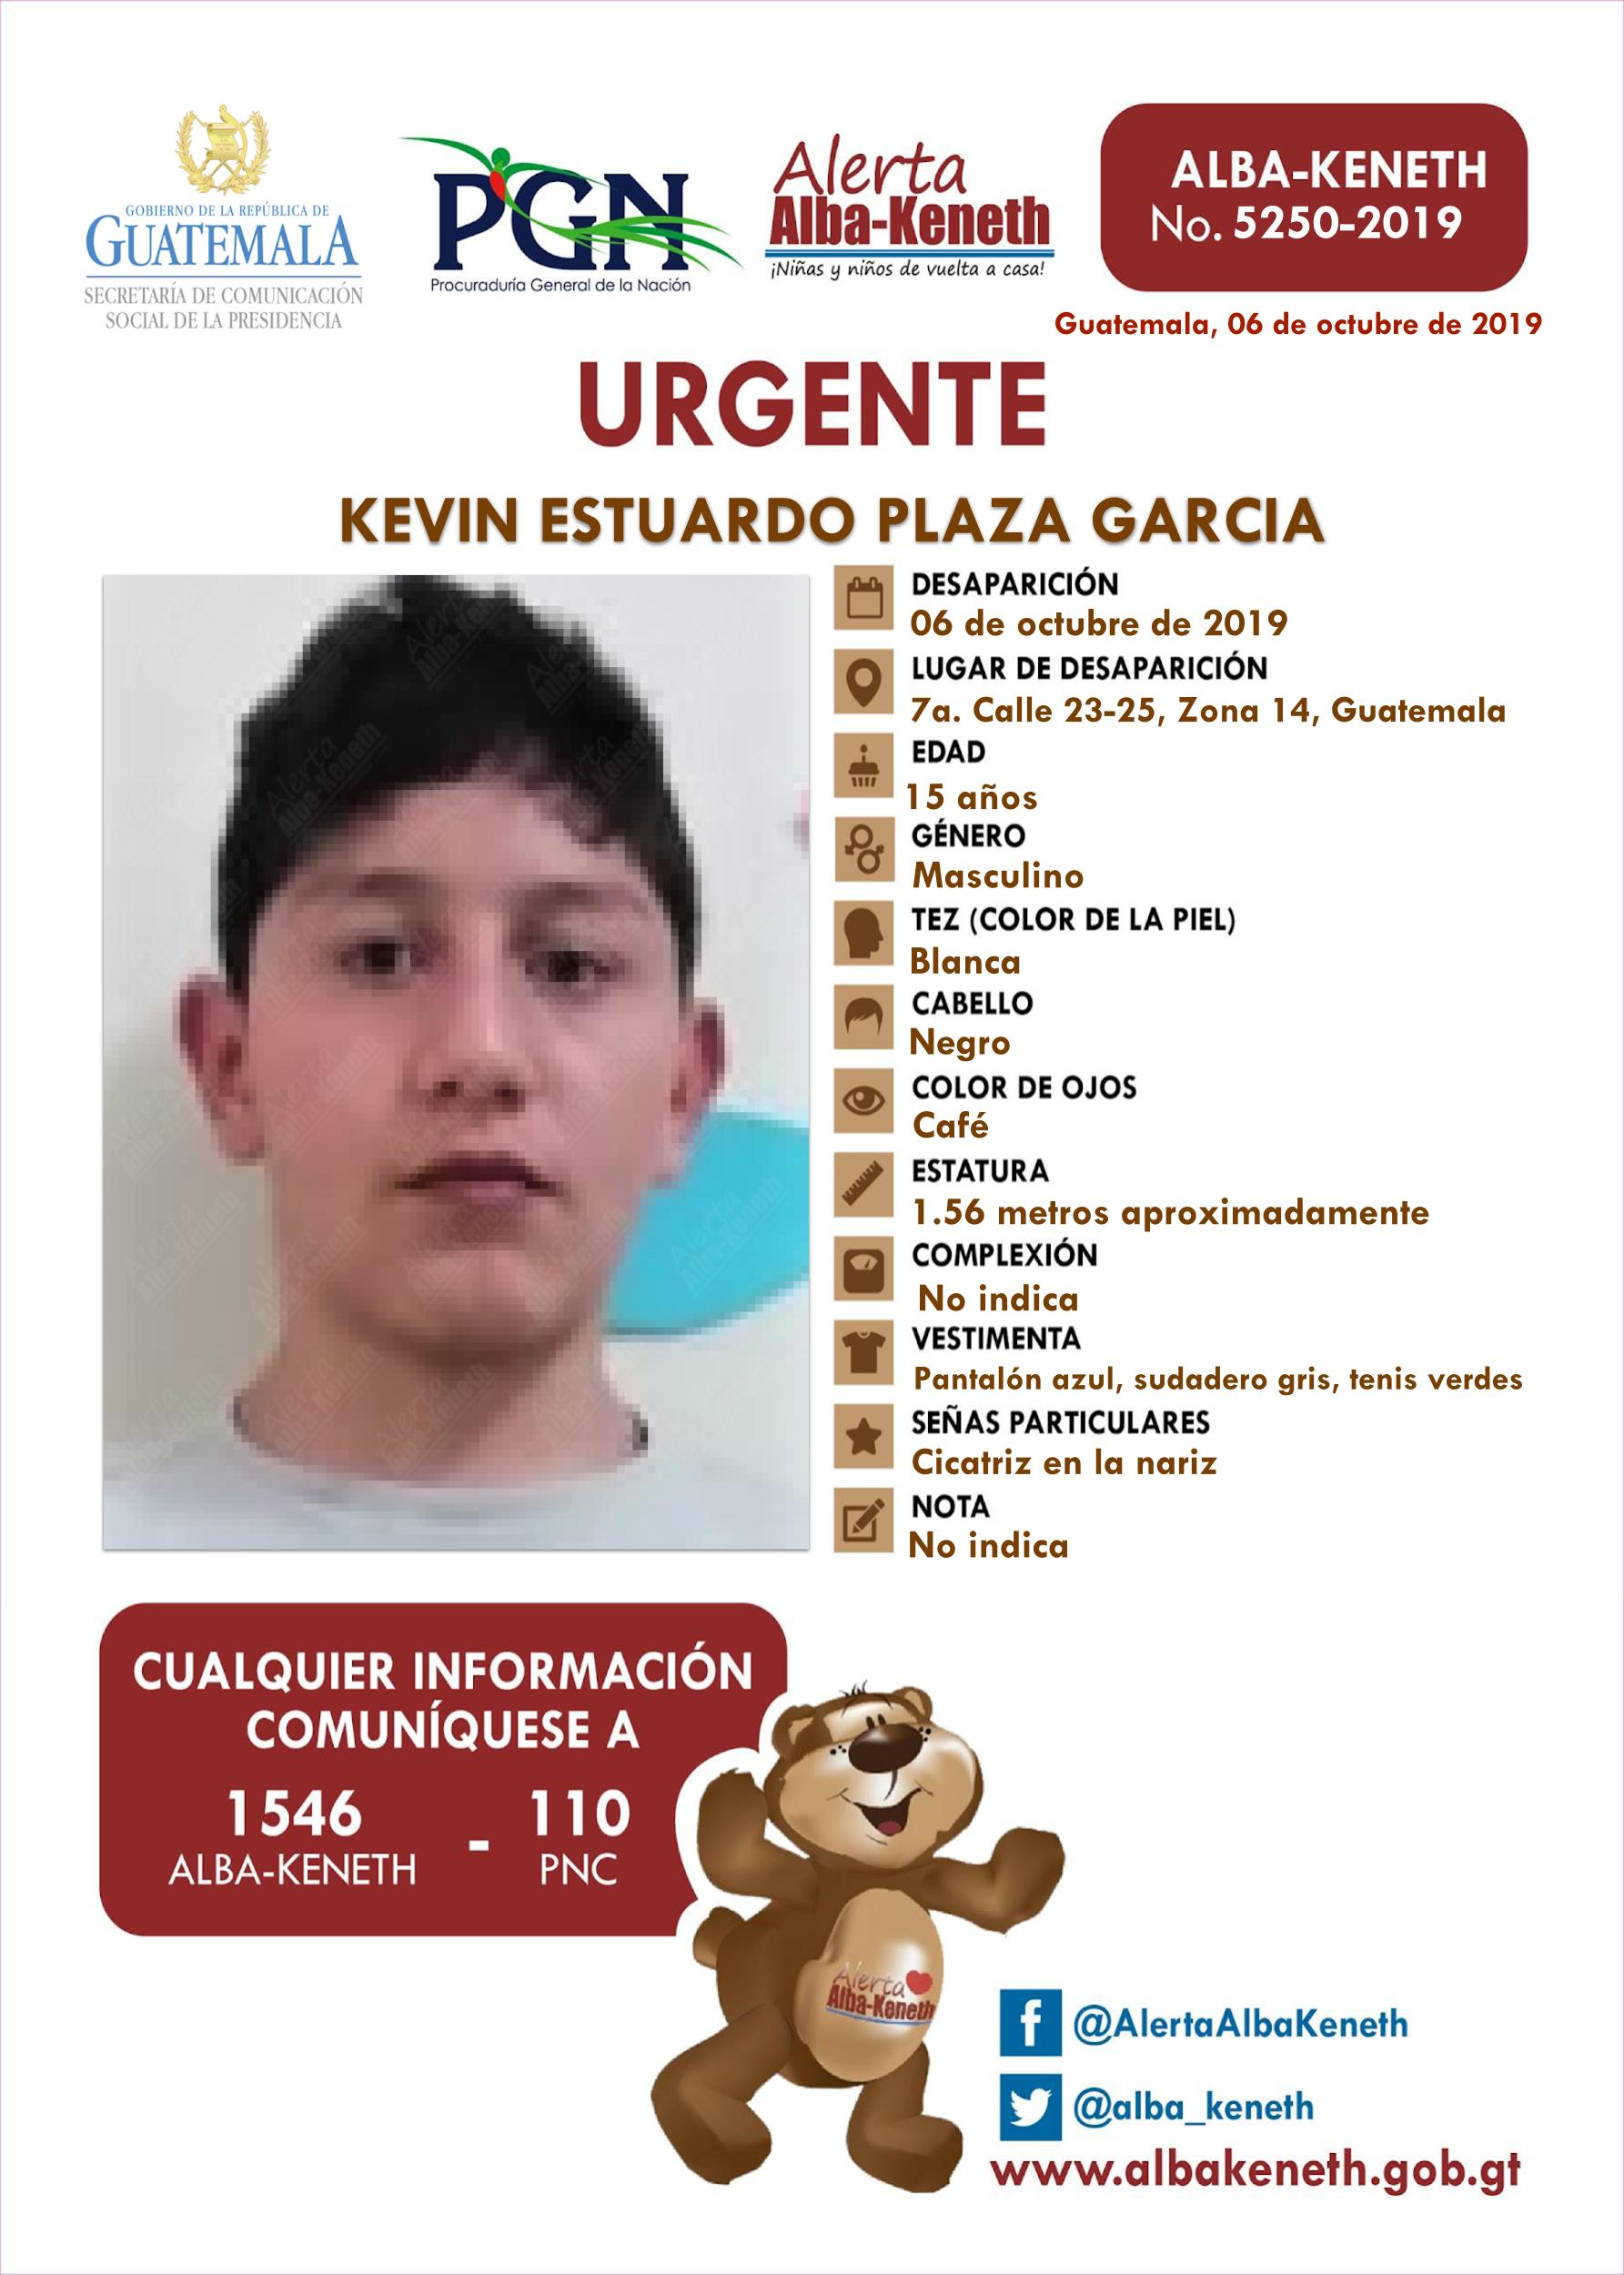 Kevin Estuardo Plaza Garcia